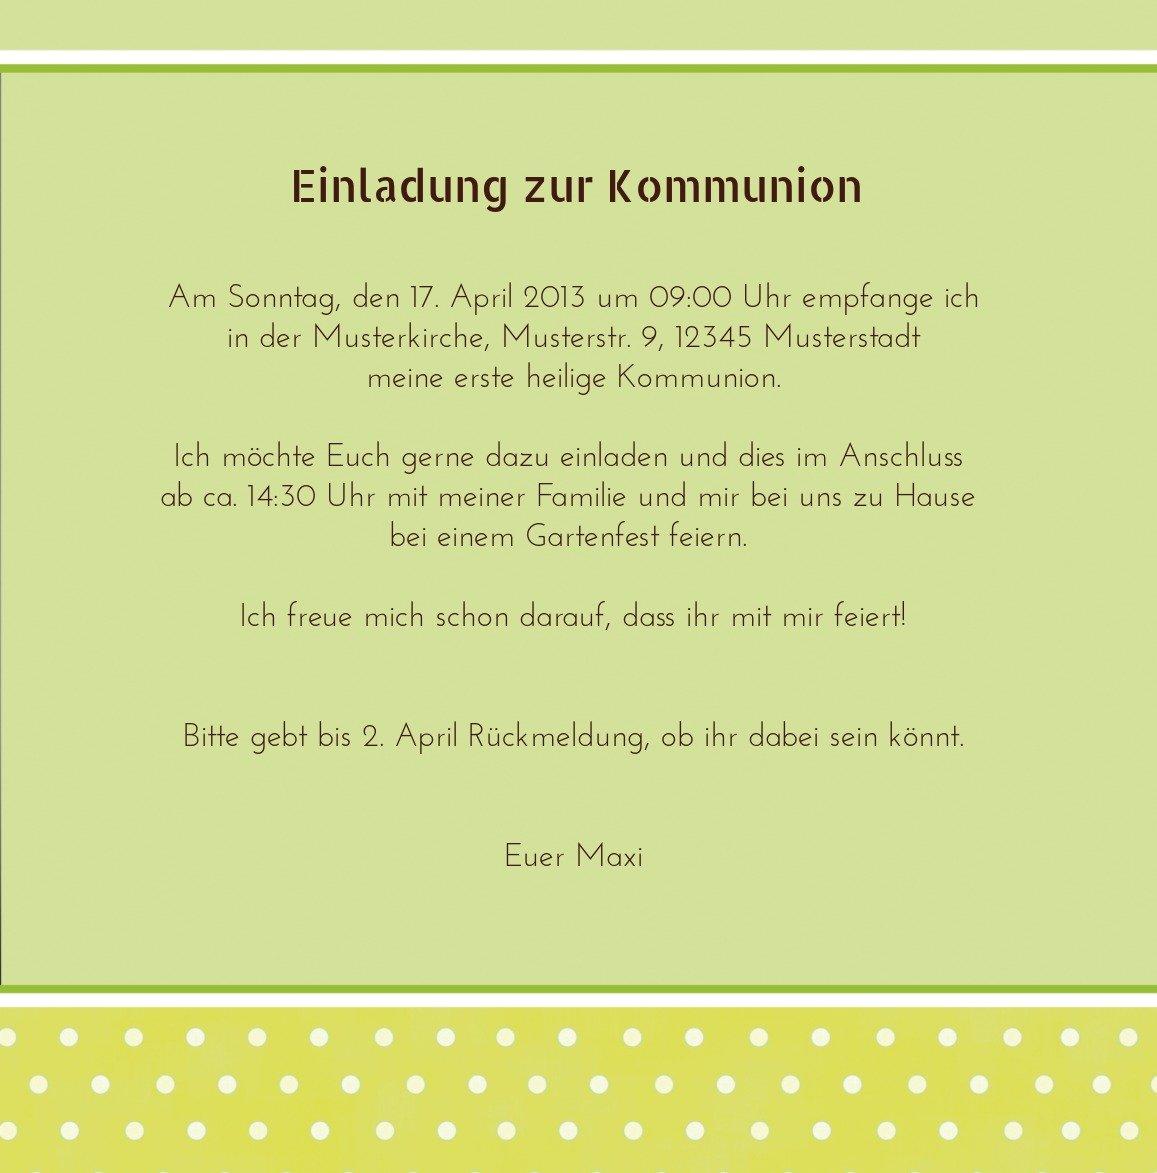 Kartenparadies Einladungskarte zur Kommunion Kommunion Kommunion Kommunionskarte Kreuzhostie, hochwertige Einladung als Kommunionskarte inklusive Umschläge   10 Karten - (Format  145x145 mm) Farbe  MattGrün B01N9XFFX2 | Zart  | Verrückte Preis  | Hochwertige Prod 476715